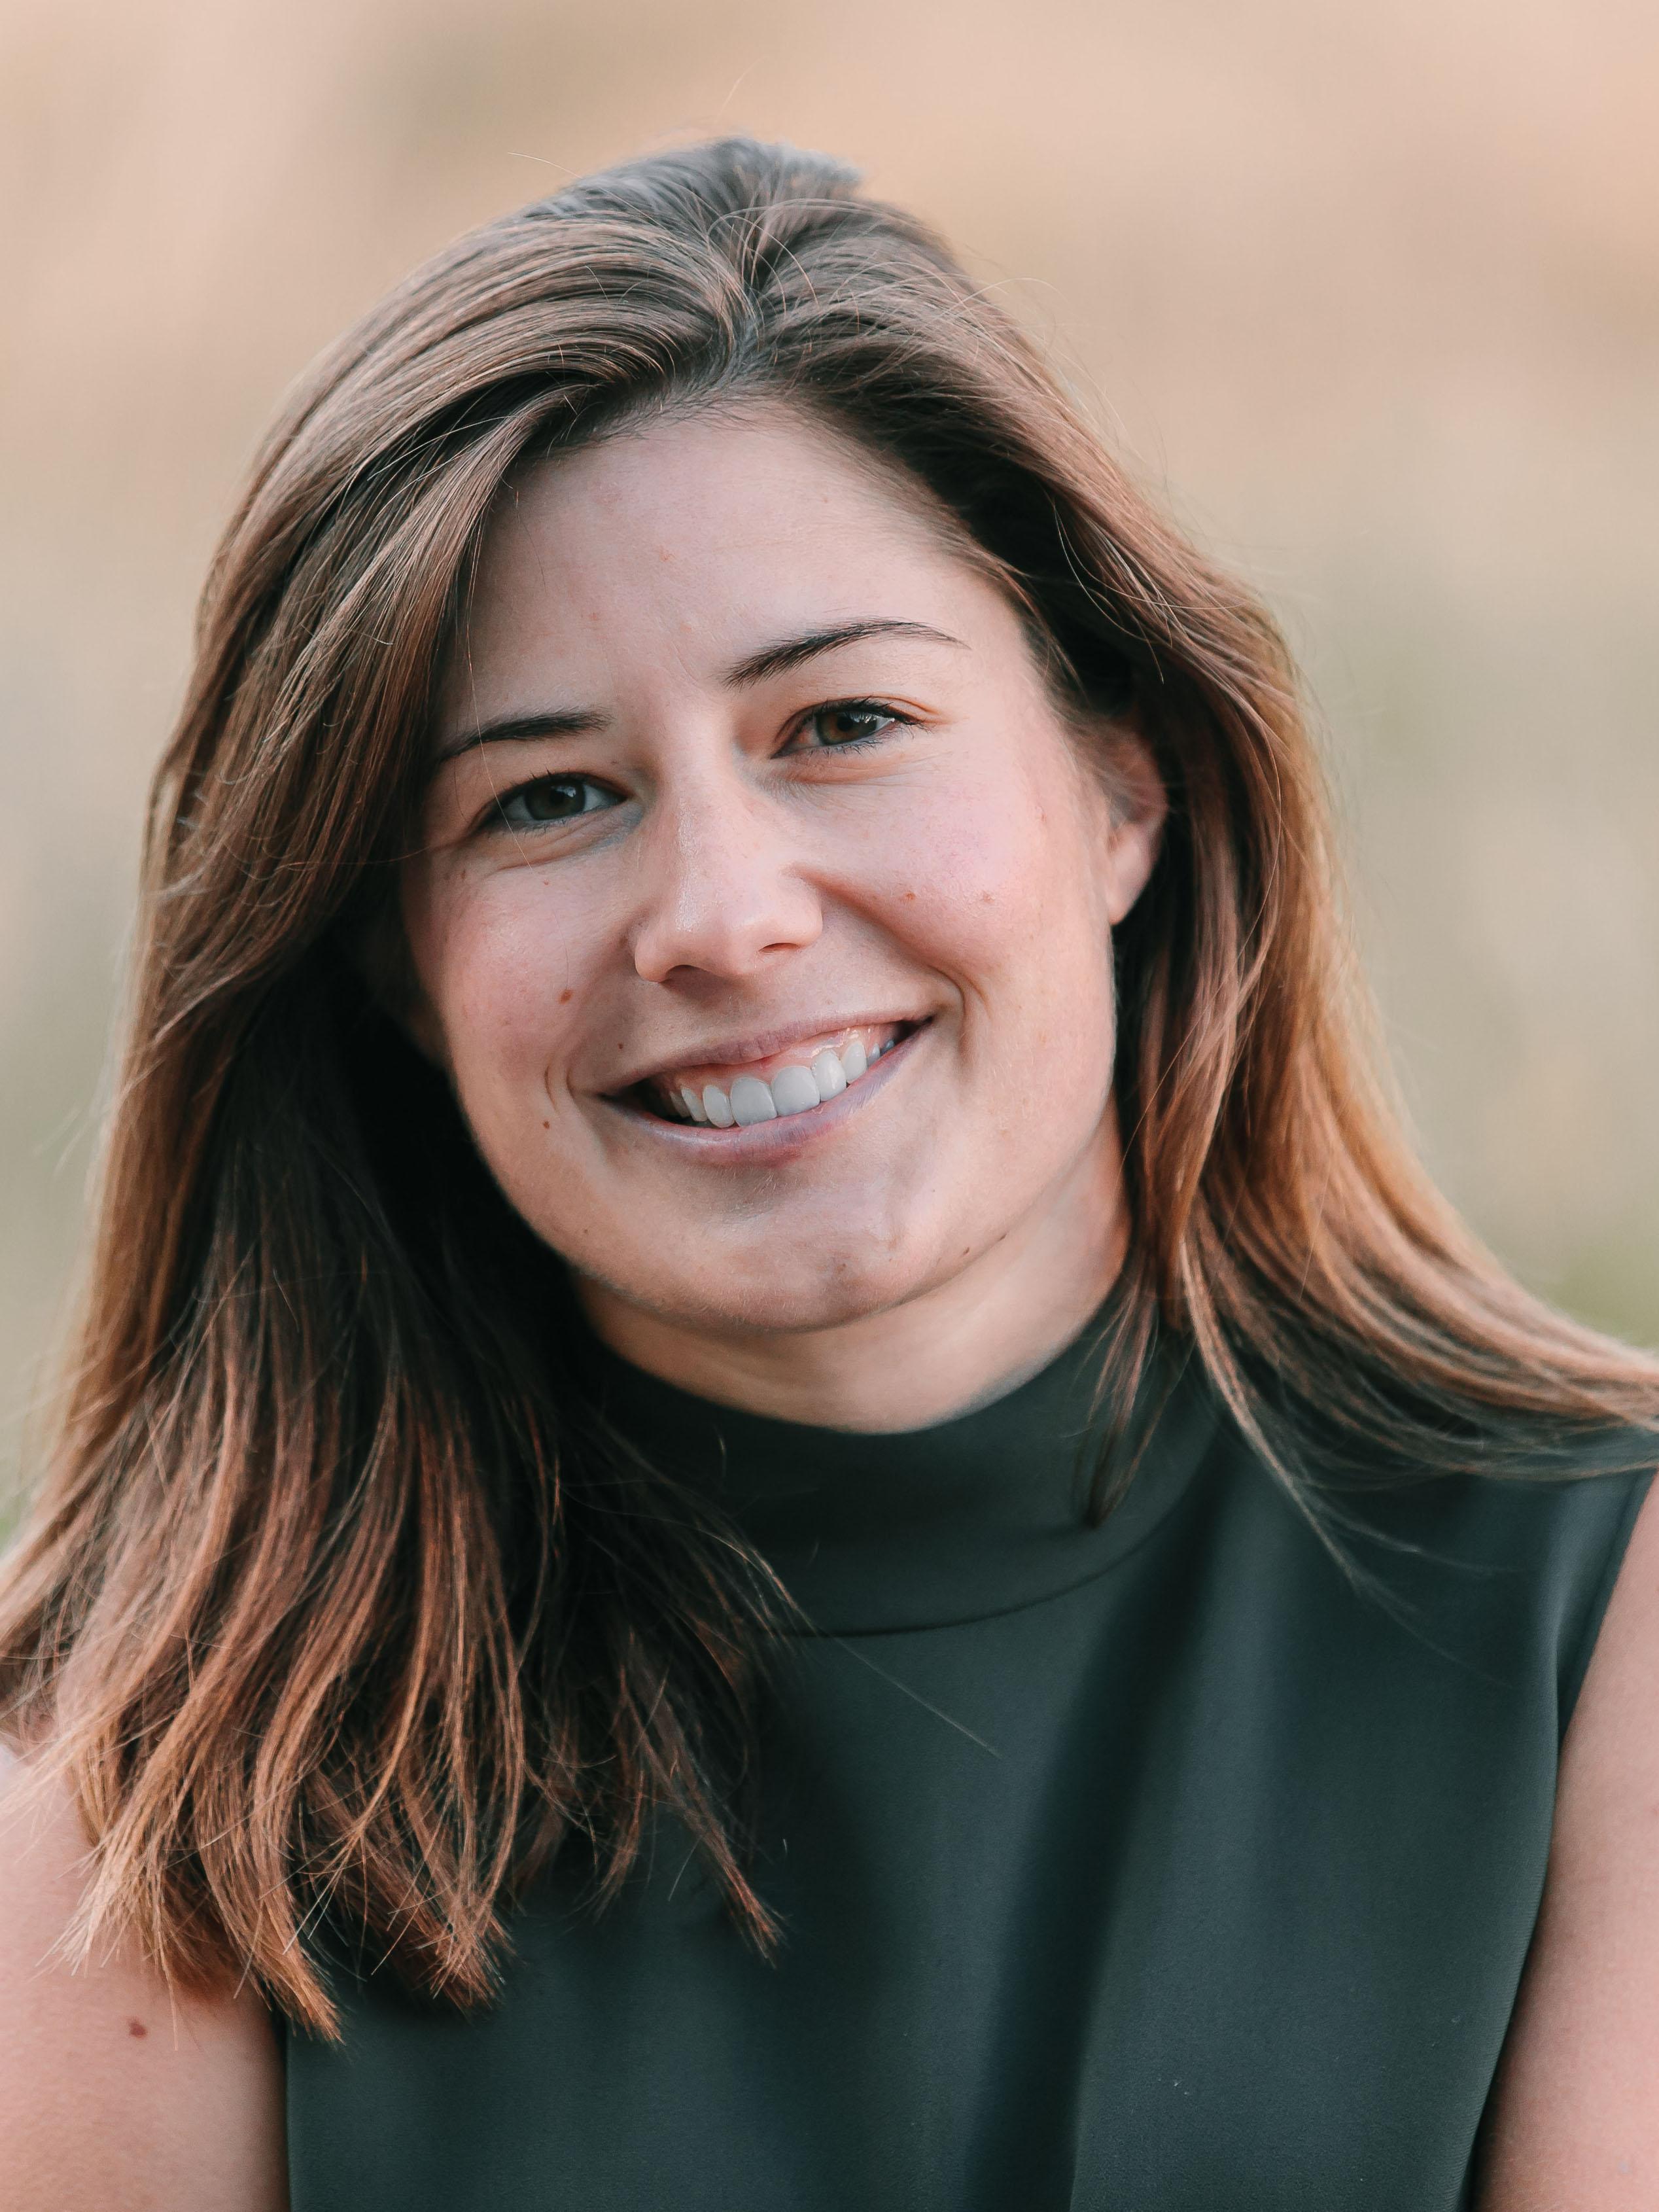 Maggie Melberg